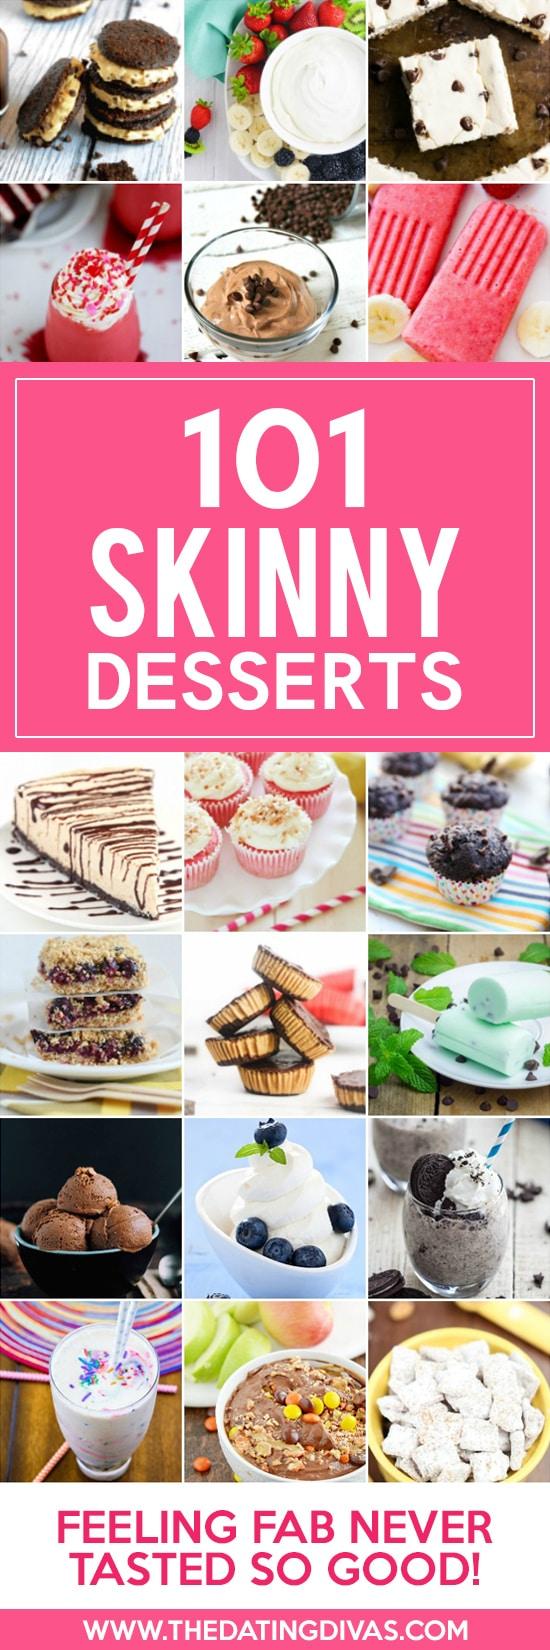 101 Skinny Desserts